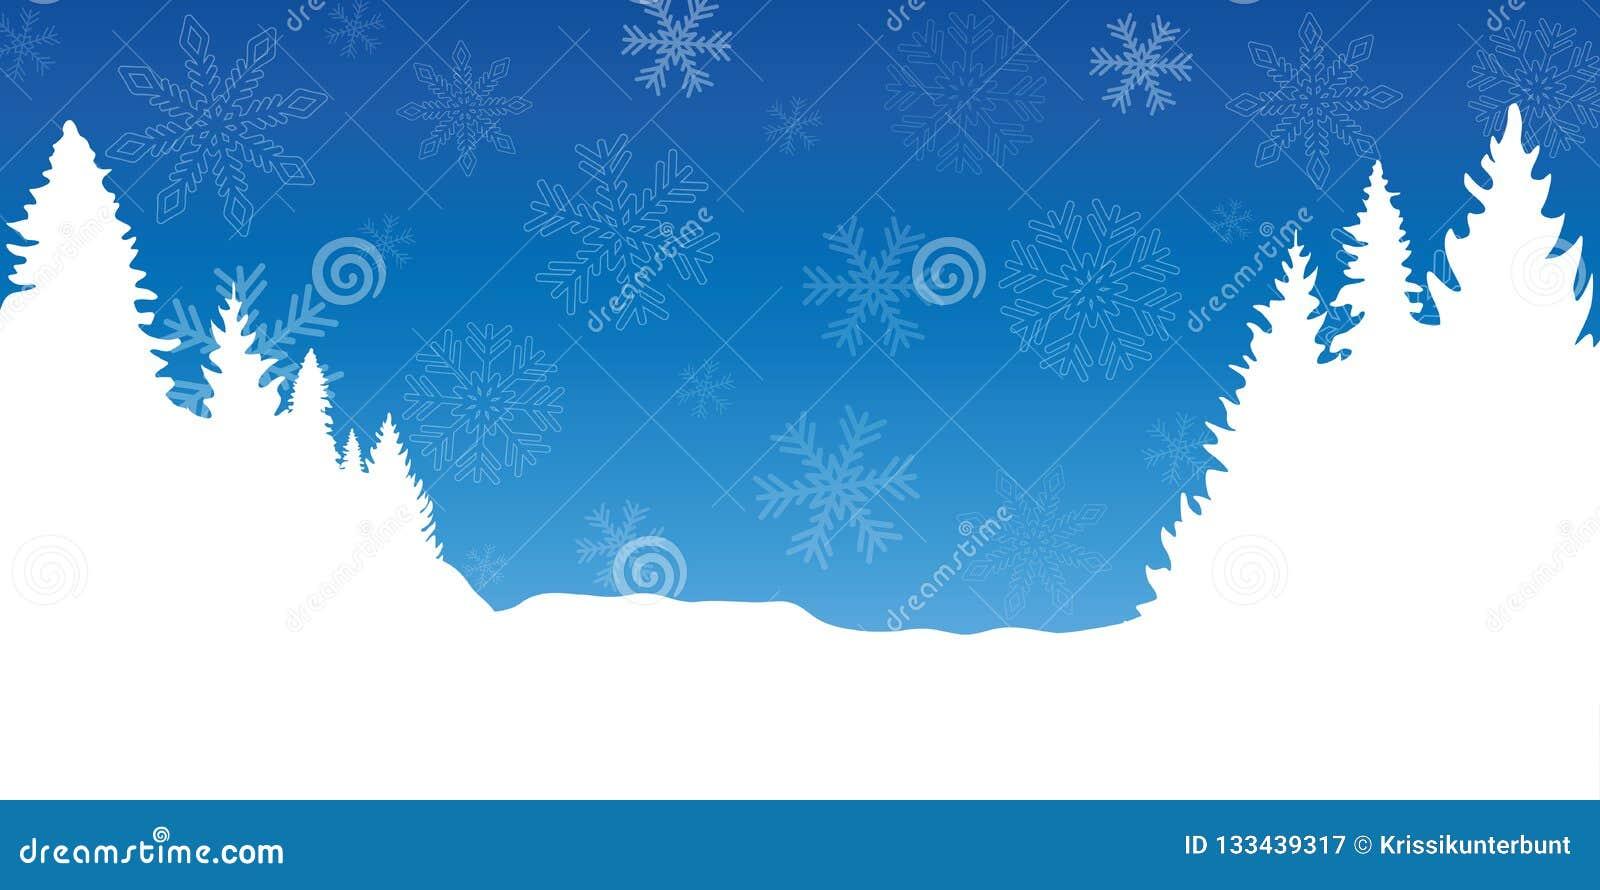 Blåa och vita chrismas övervintrar bakgrund med snöflingor och granar